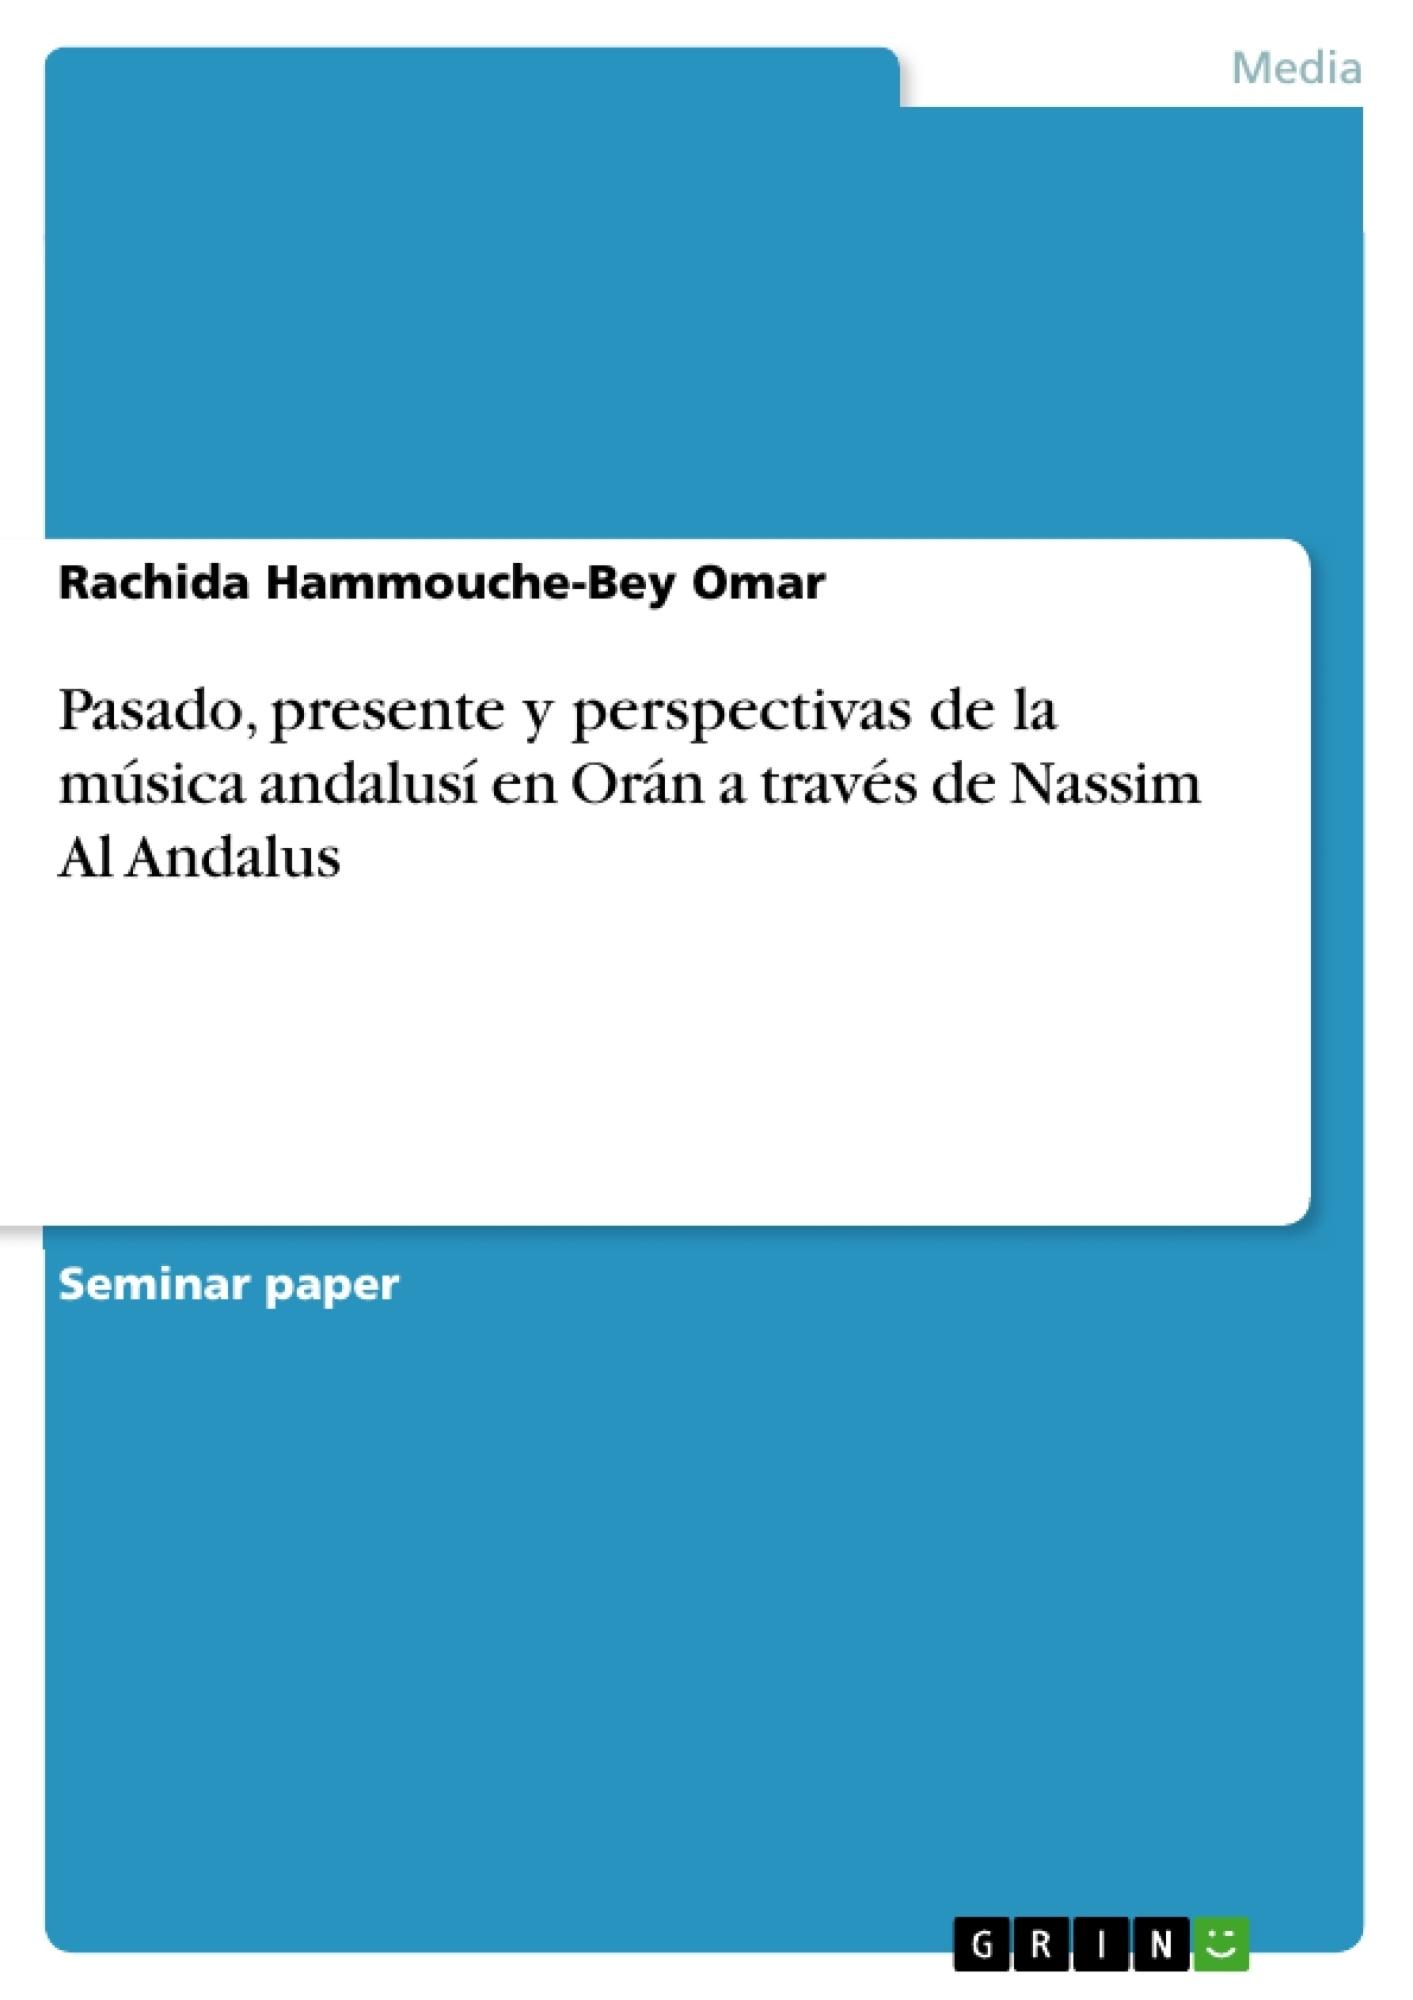 Título: Pasado, presente y perspectivas de la música andalusí en Orán a través de Nassim Al Andalus